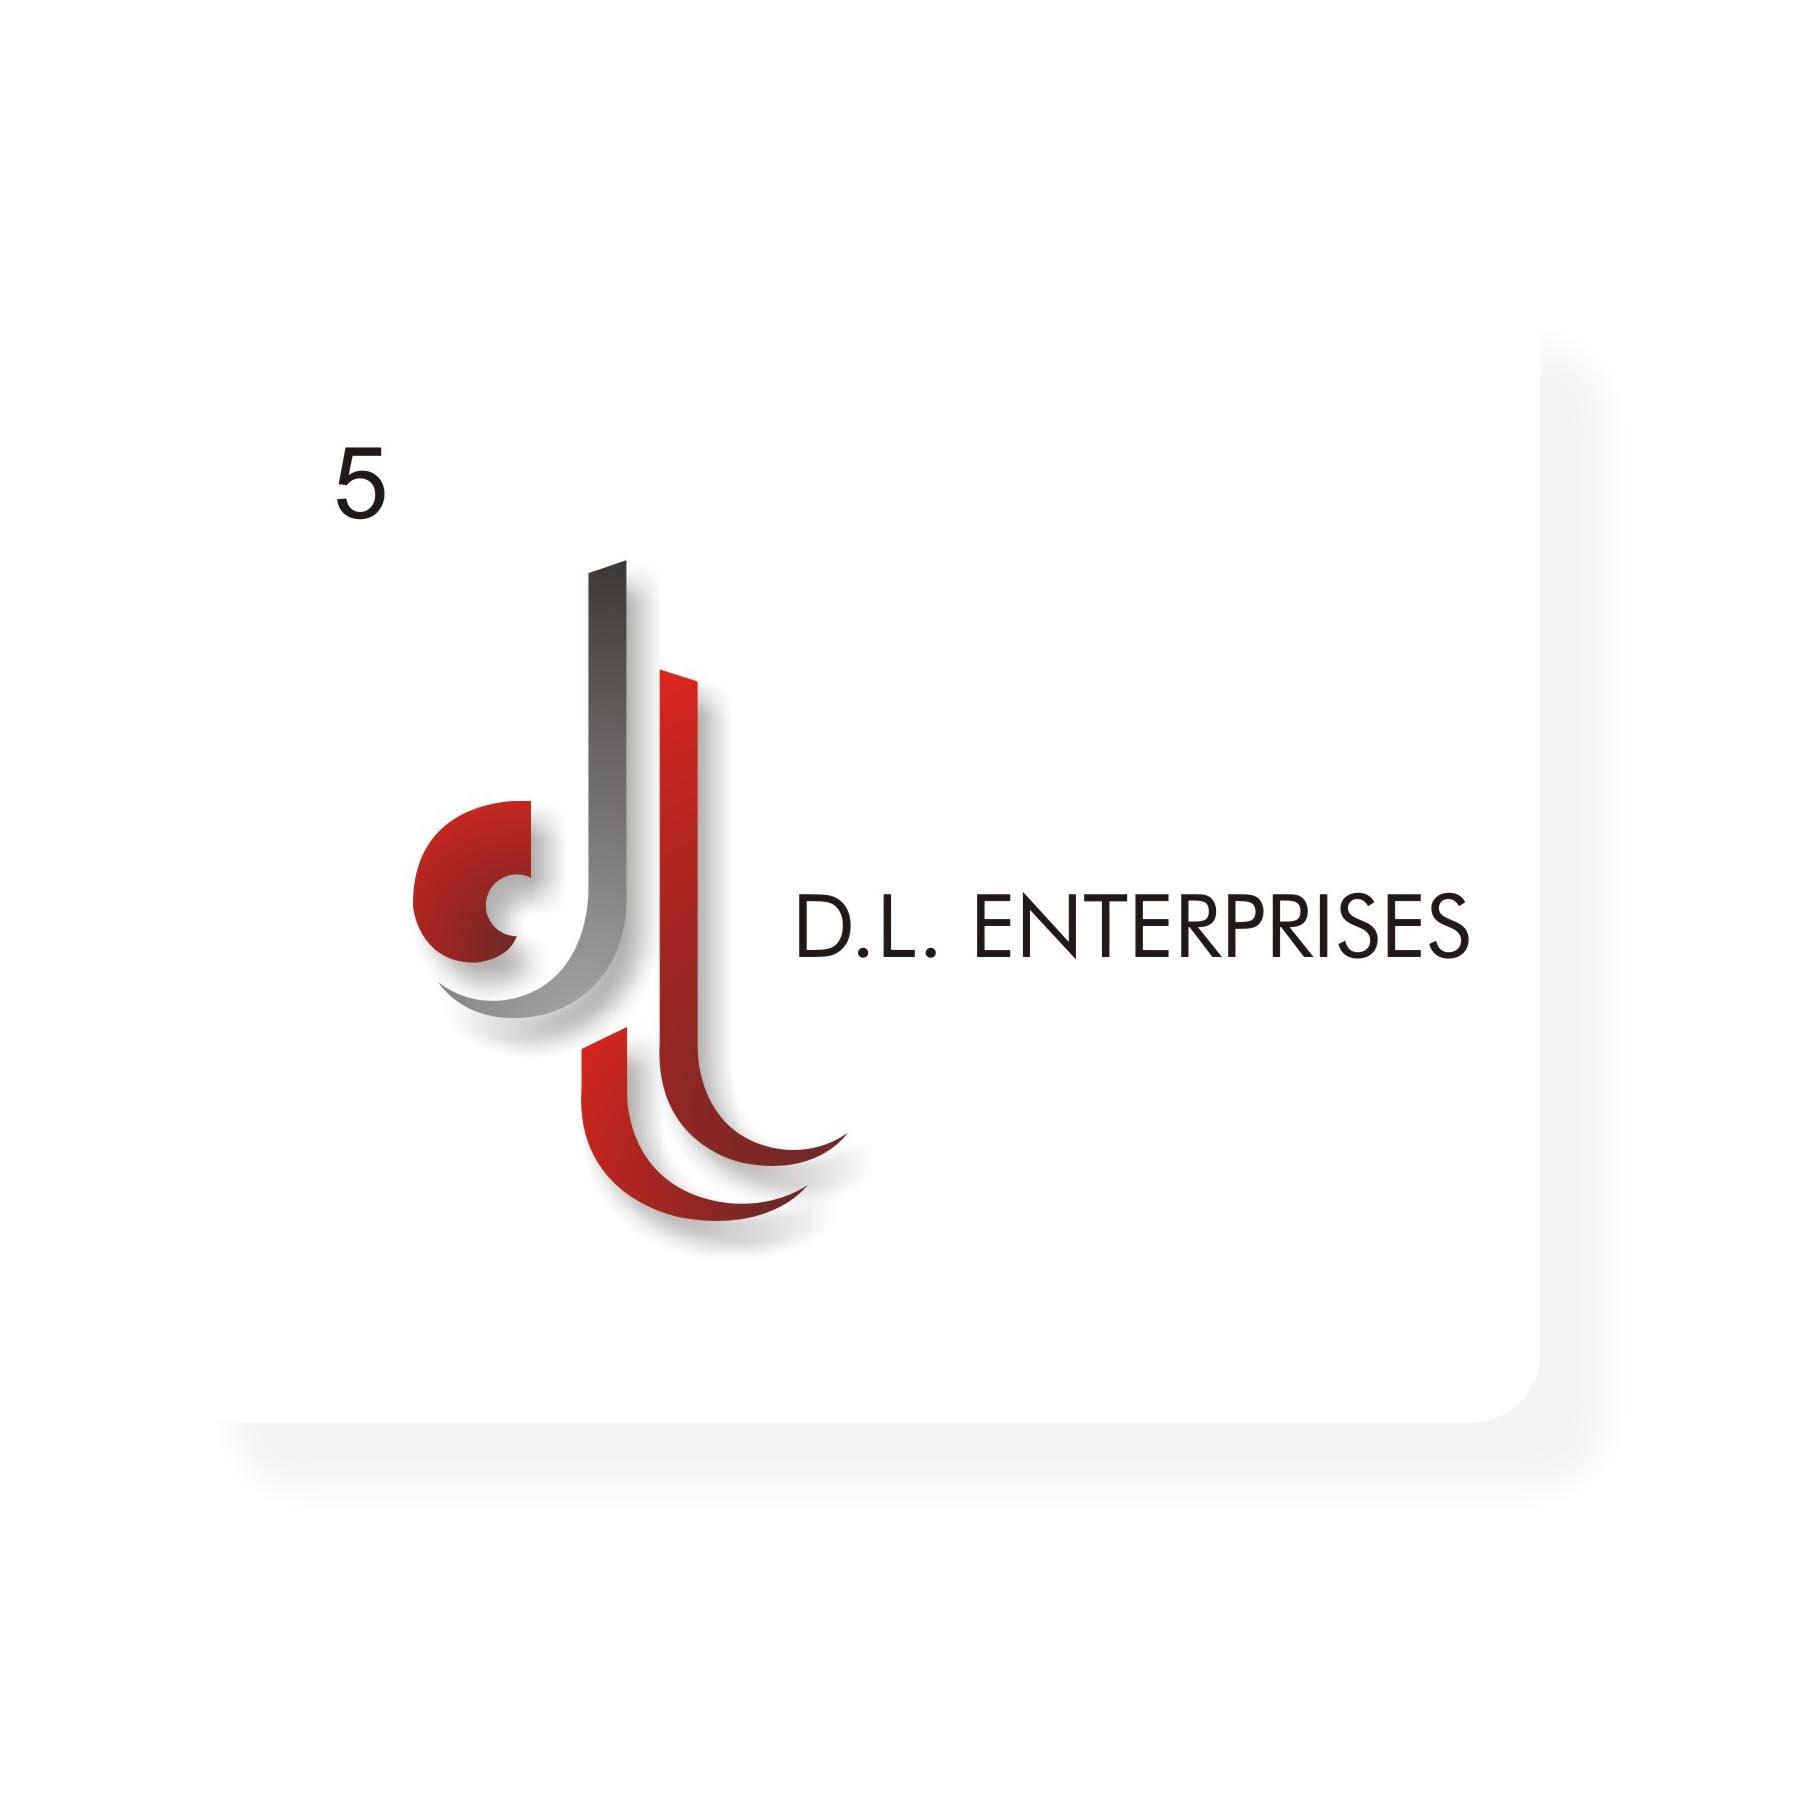 _d. l. enterprise